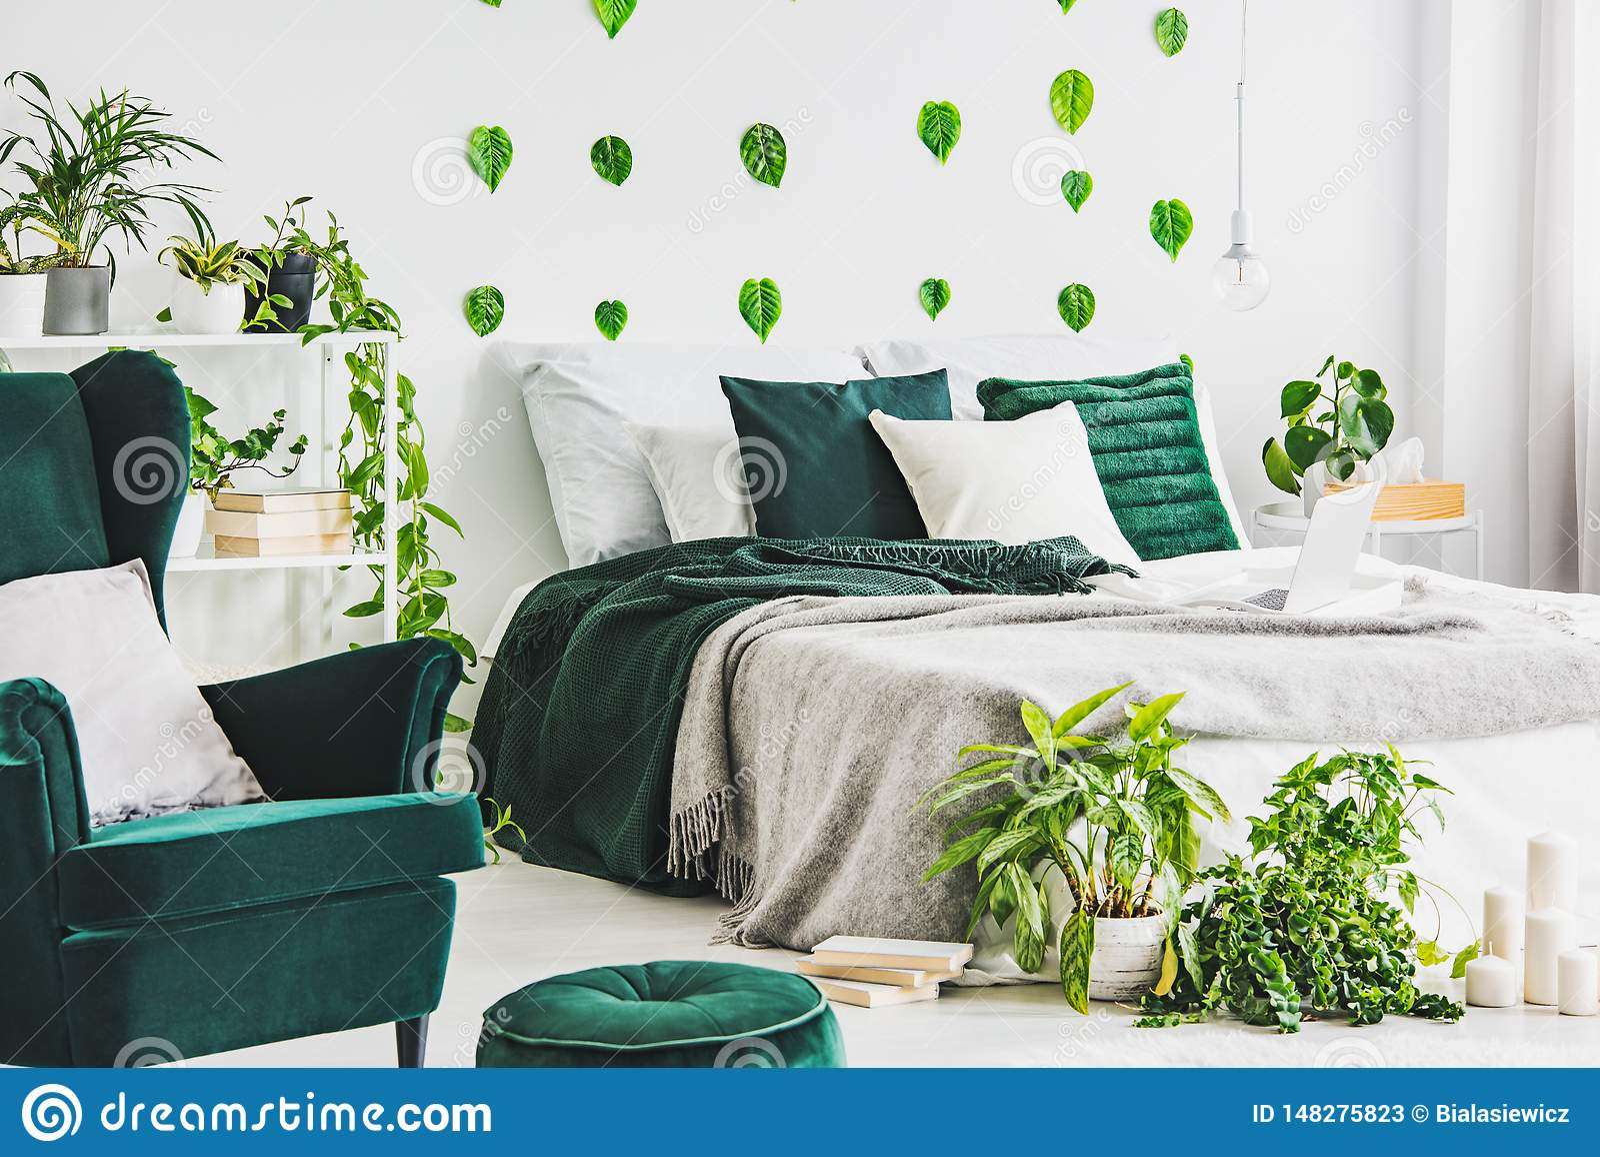 Wei?er Schlafzimmerinnenraum mit K?niggr??enbett mit grauer Nd-Smaragdbettw?sche, st?dtischem Dschungel und gr?nem Blatt auf der